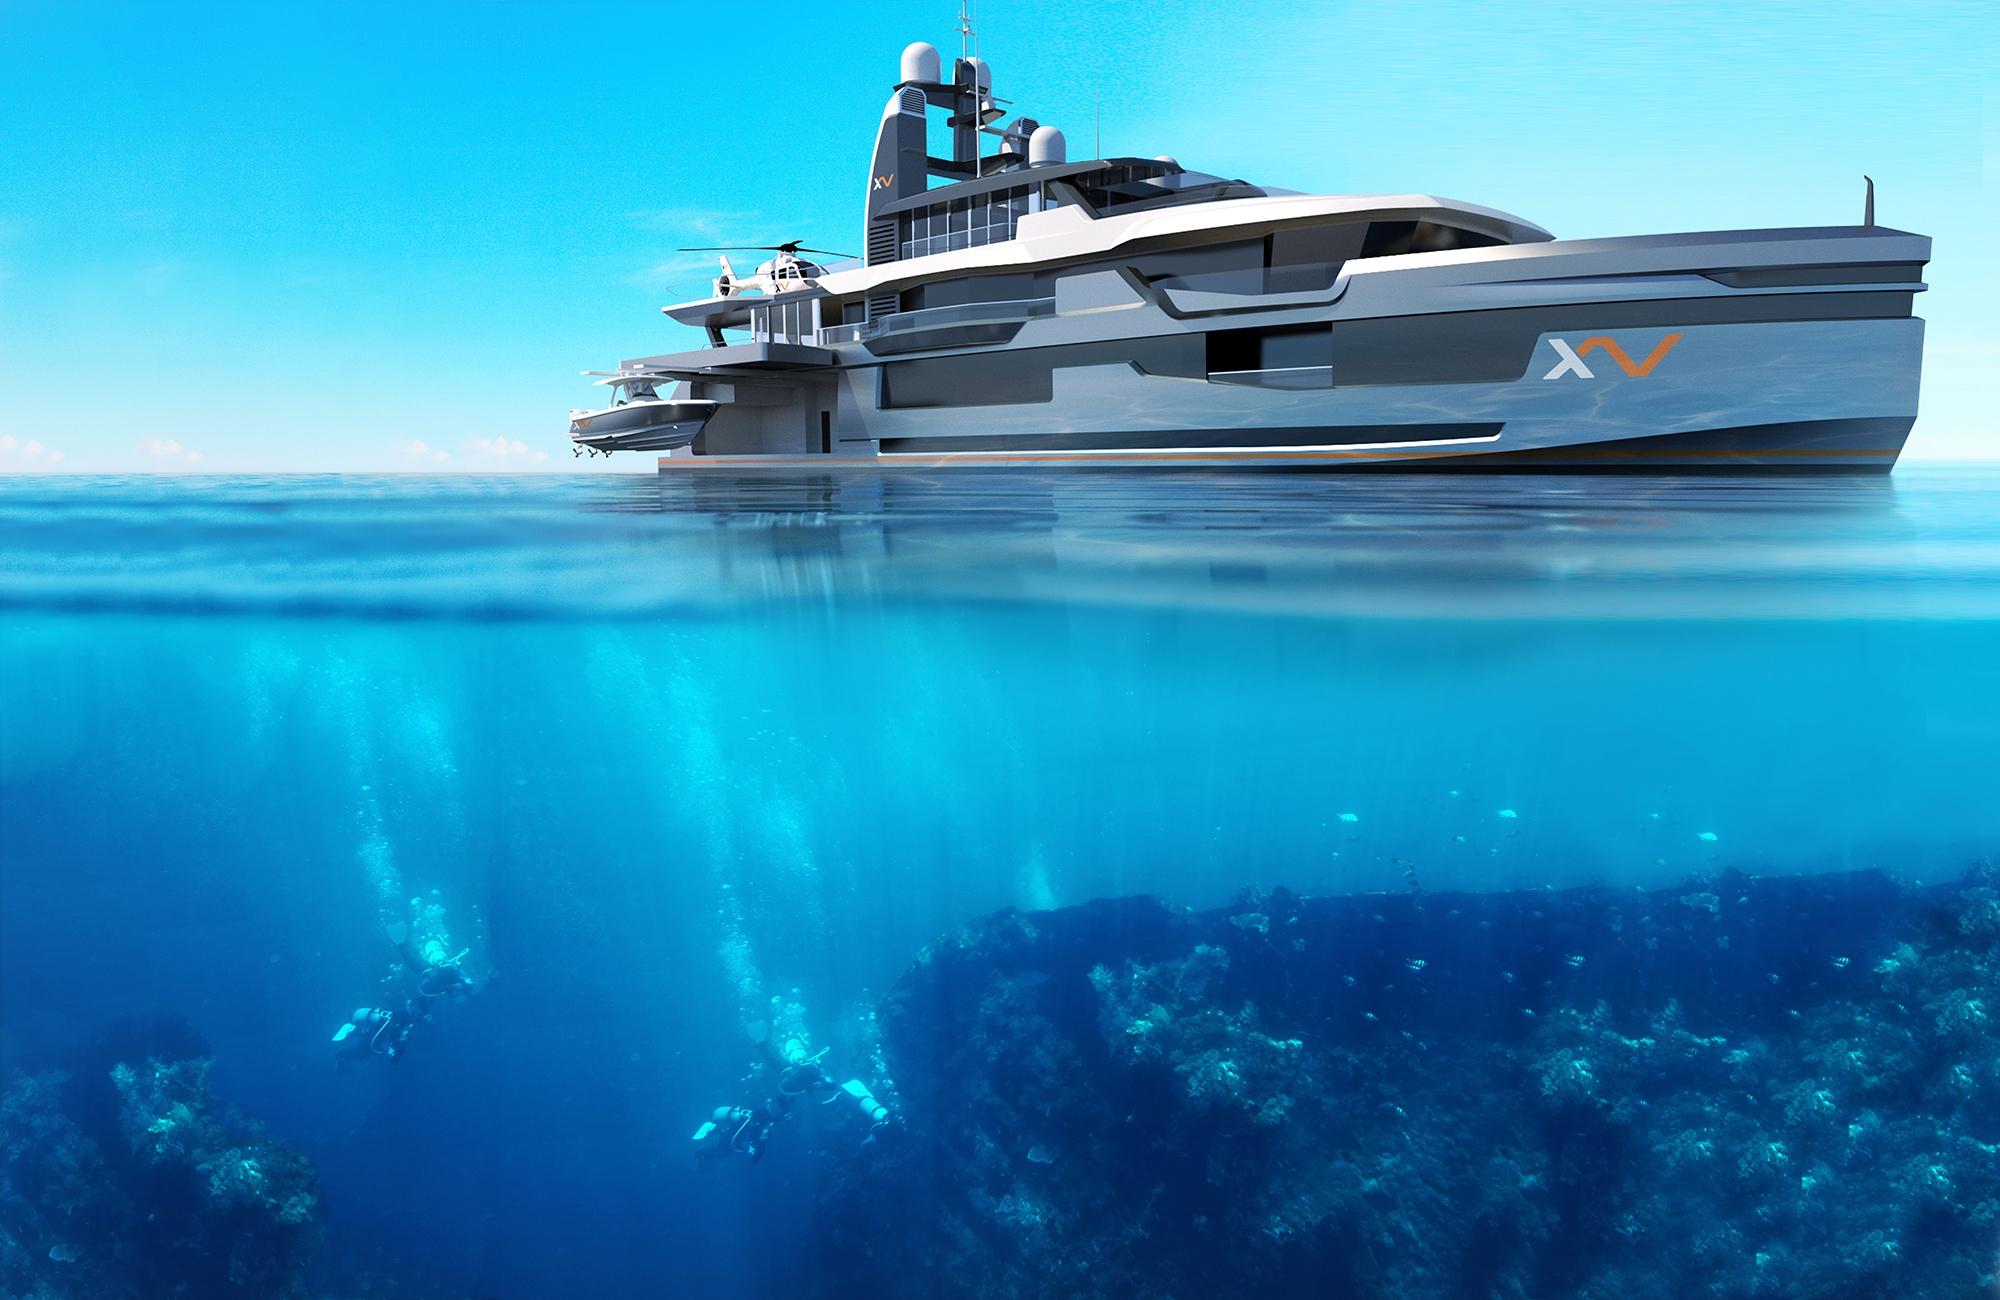 19-10-21_Underwater-Render-website.jpg